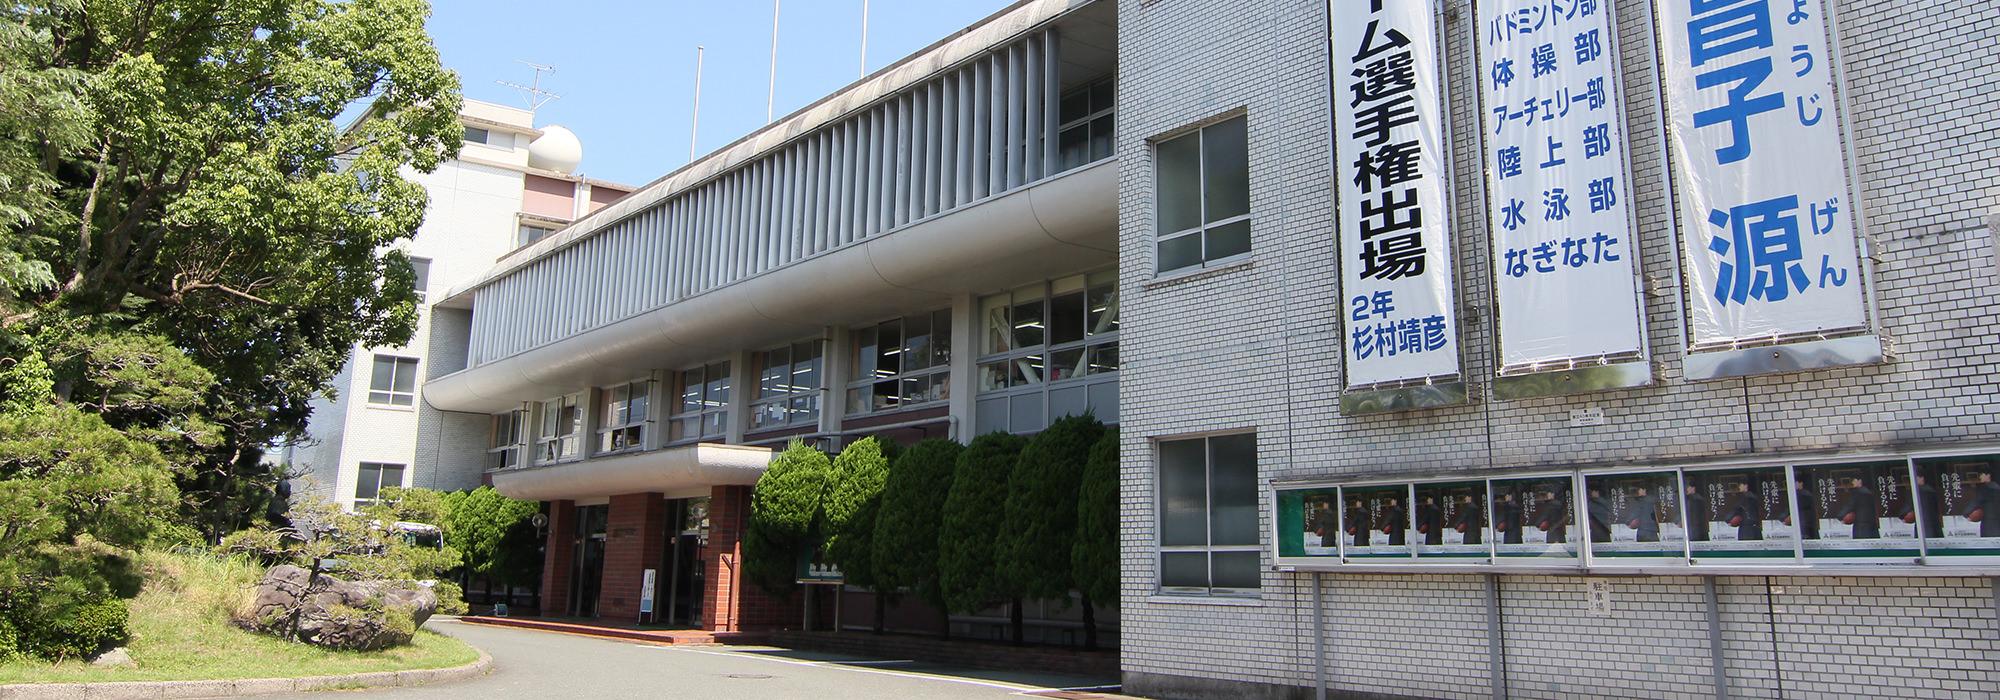 第66回NHK杯全国高校放送コンテスト大会結果